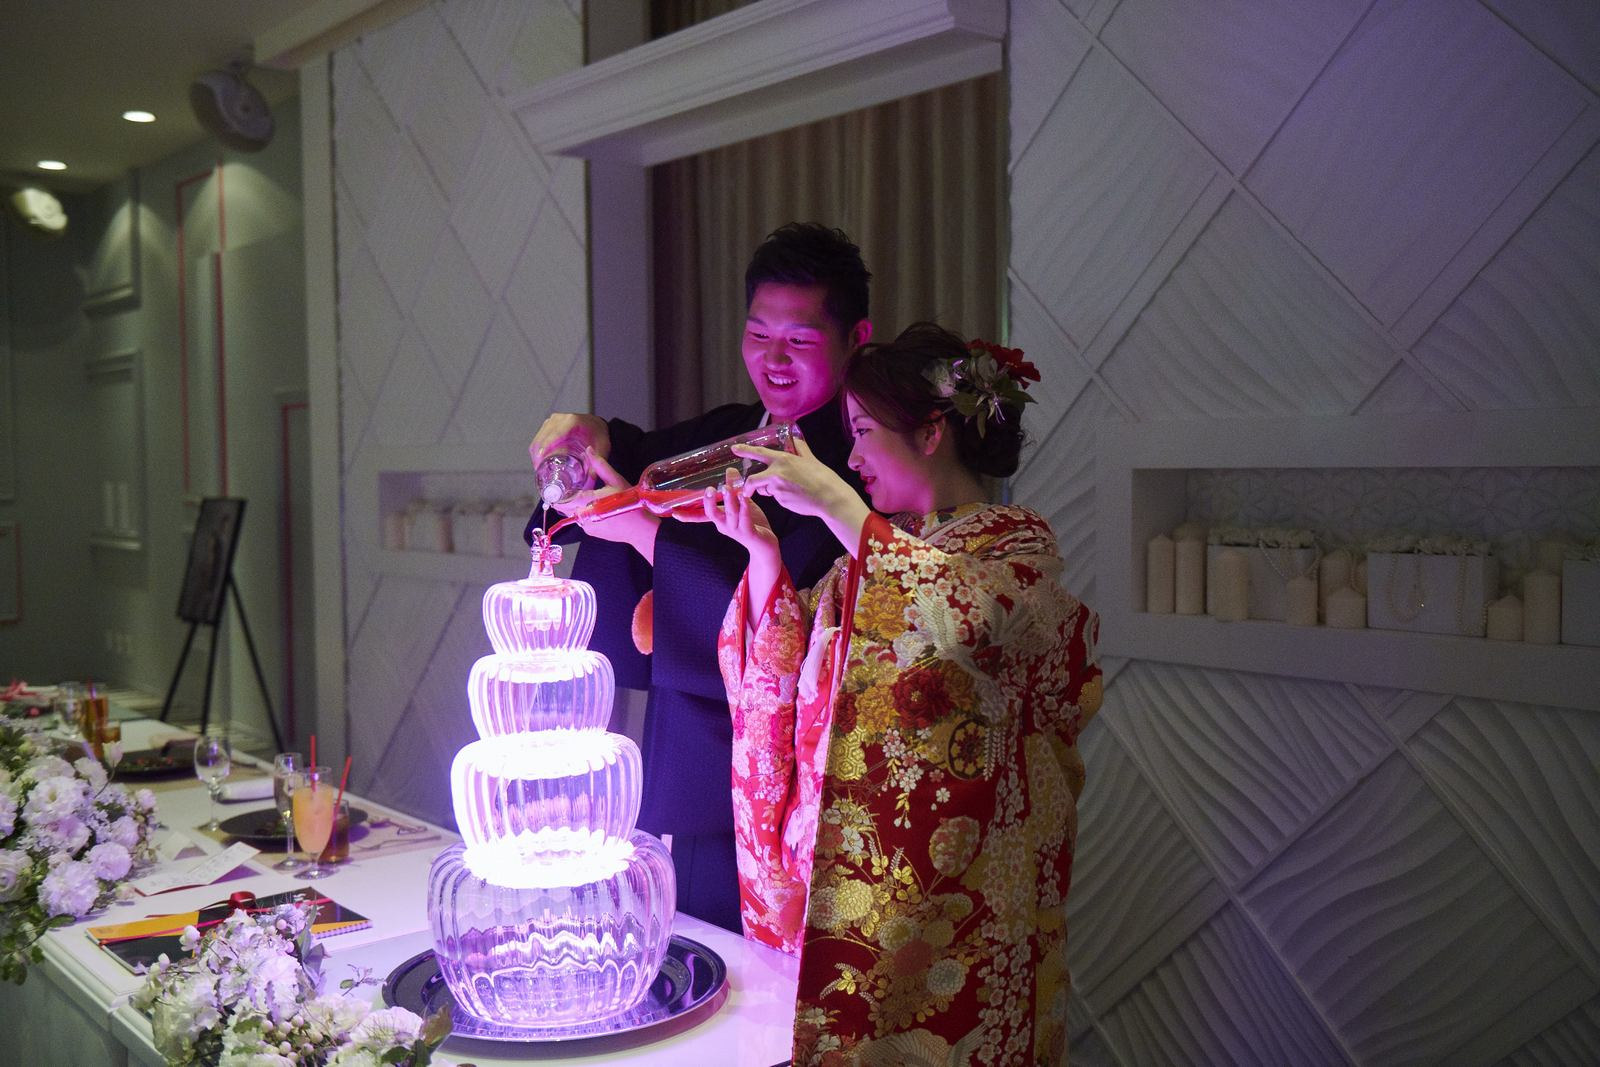 徳島市の結婚式場ブランアンジュでメインタワー演出を行う新郎新婦様